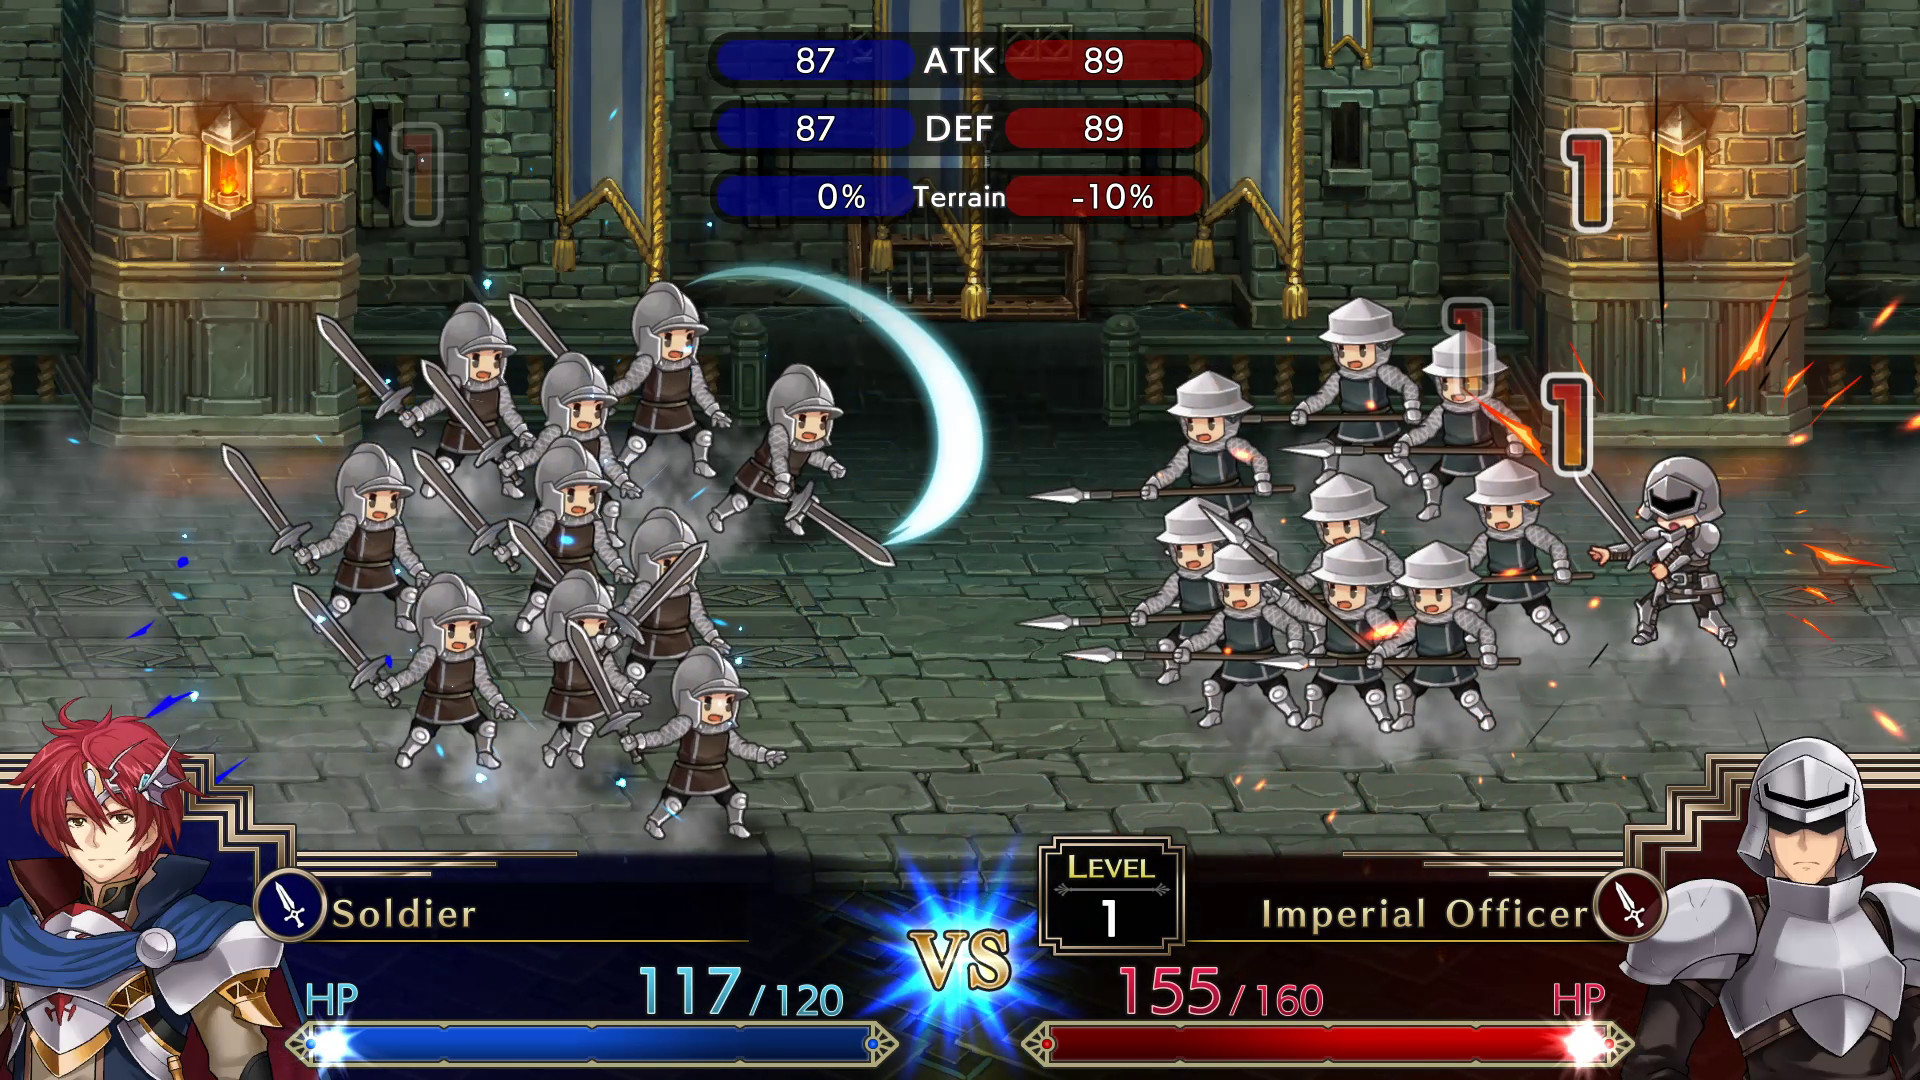 梦幻模拟战I & II重置 -百度云盘插图4